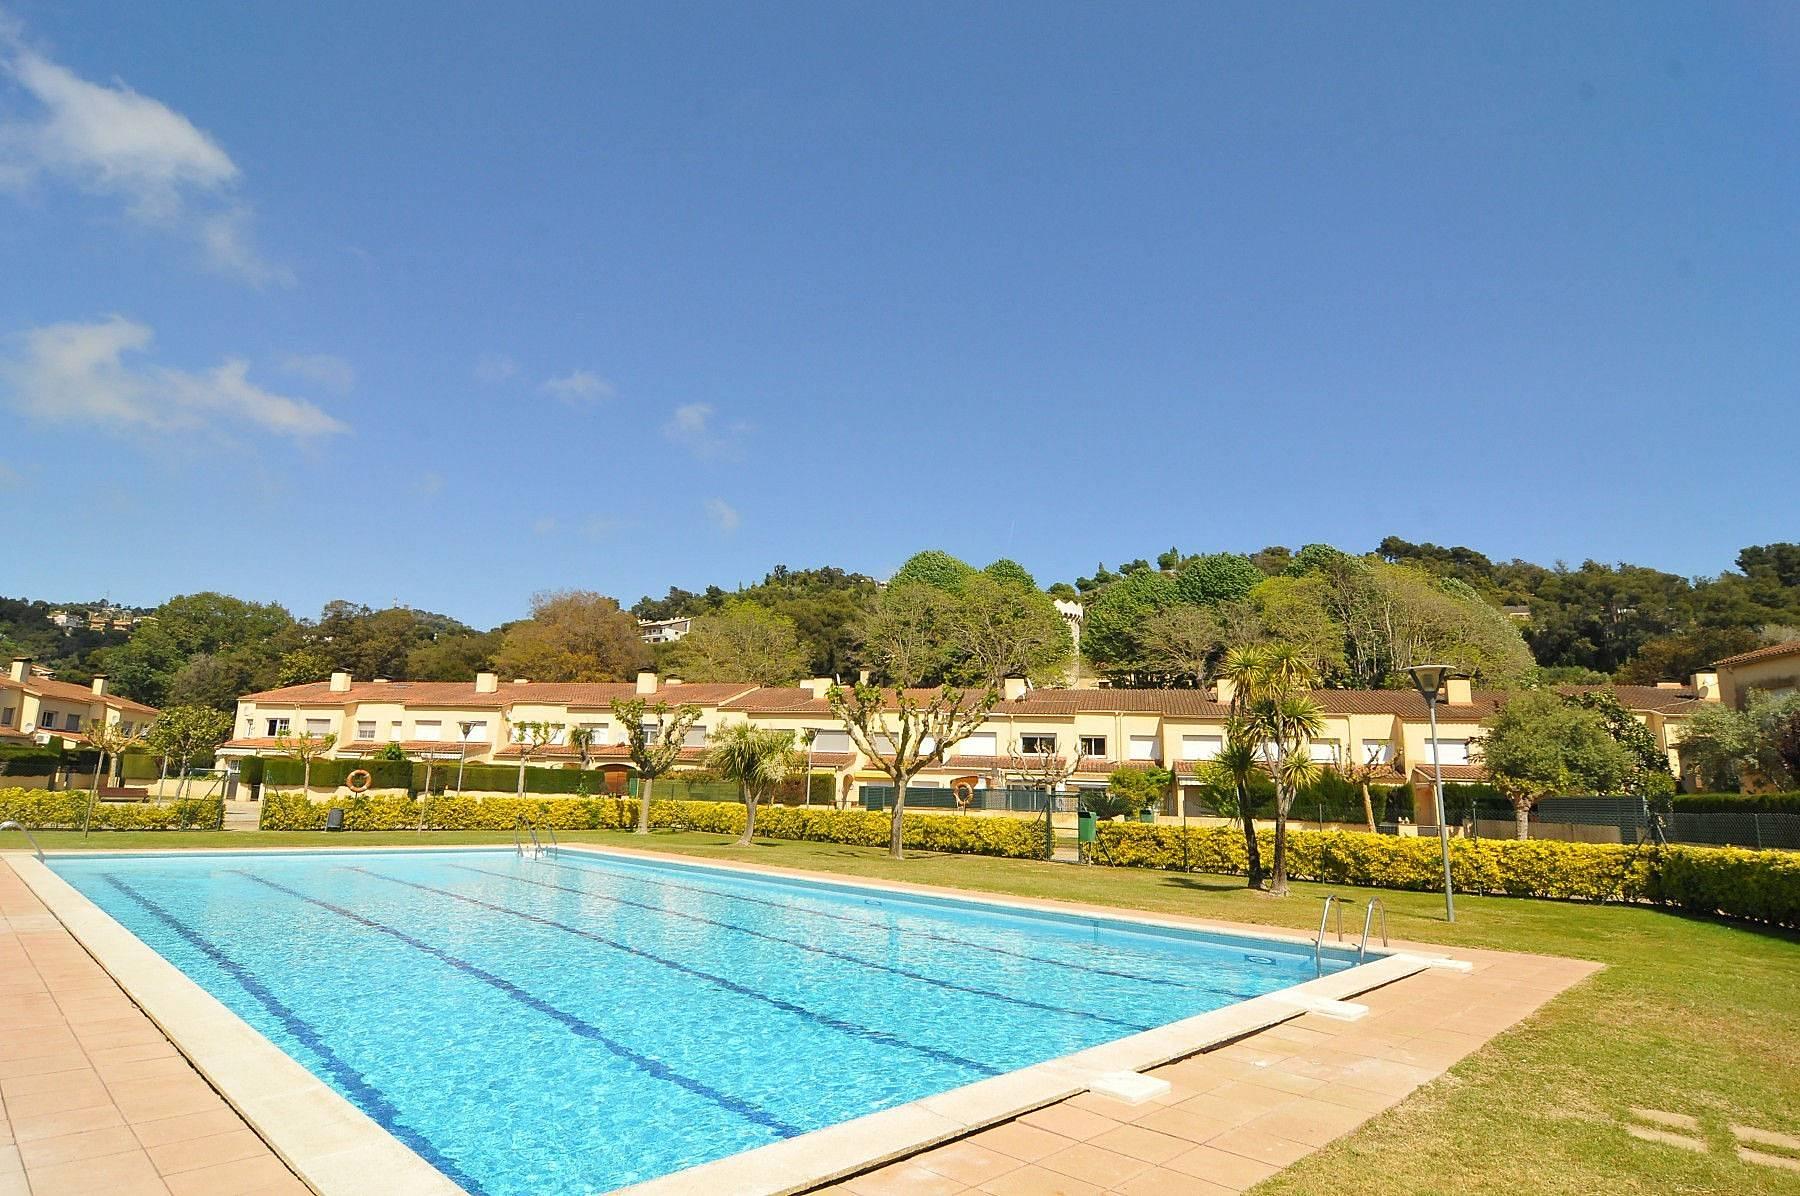 Alquiler vacaciones apartamentos y casas rurales en palafolls barcelona - Alquiler casas rurales barcelona ...